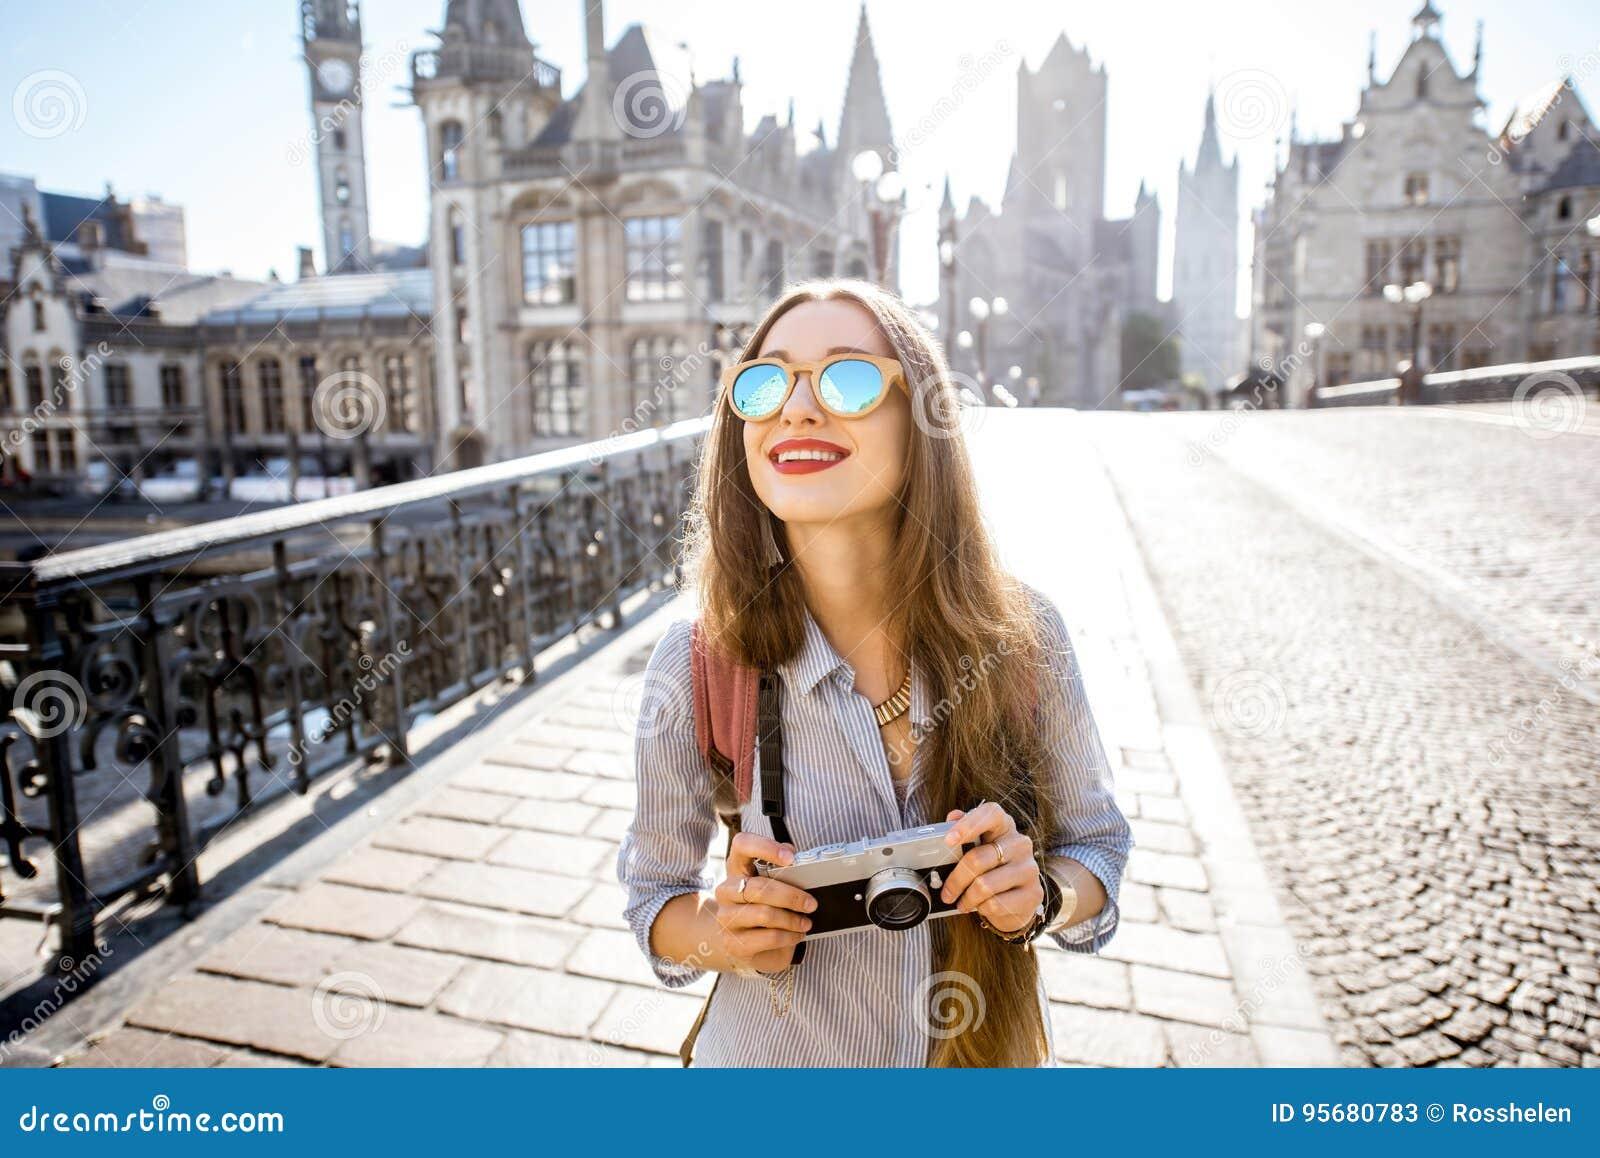 Femme cherche monsieur belgique